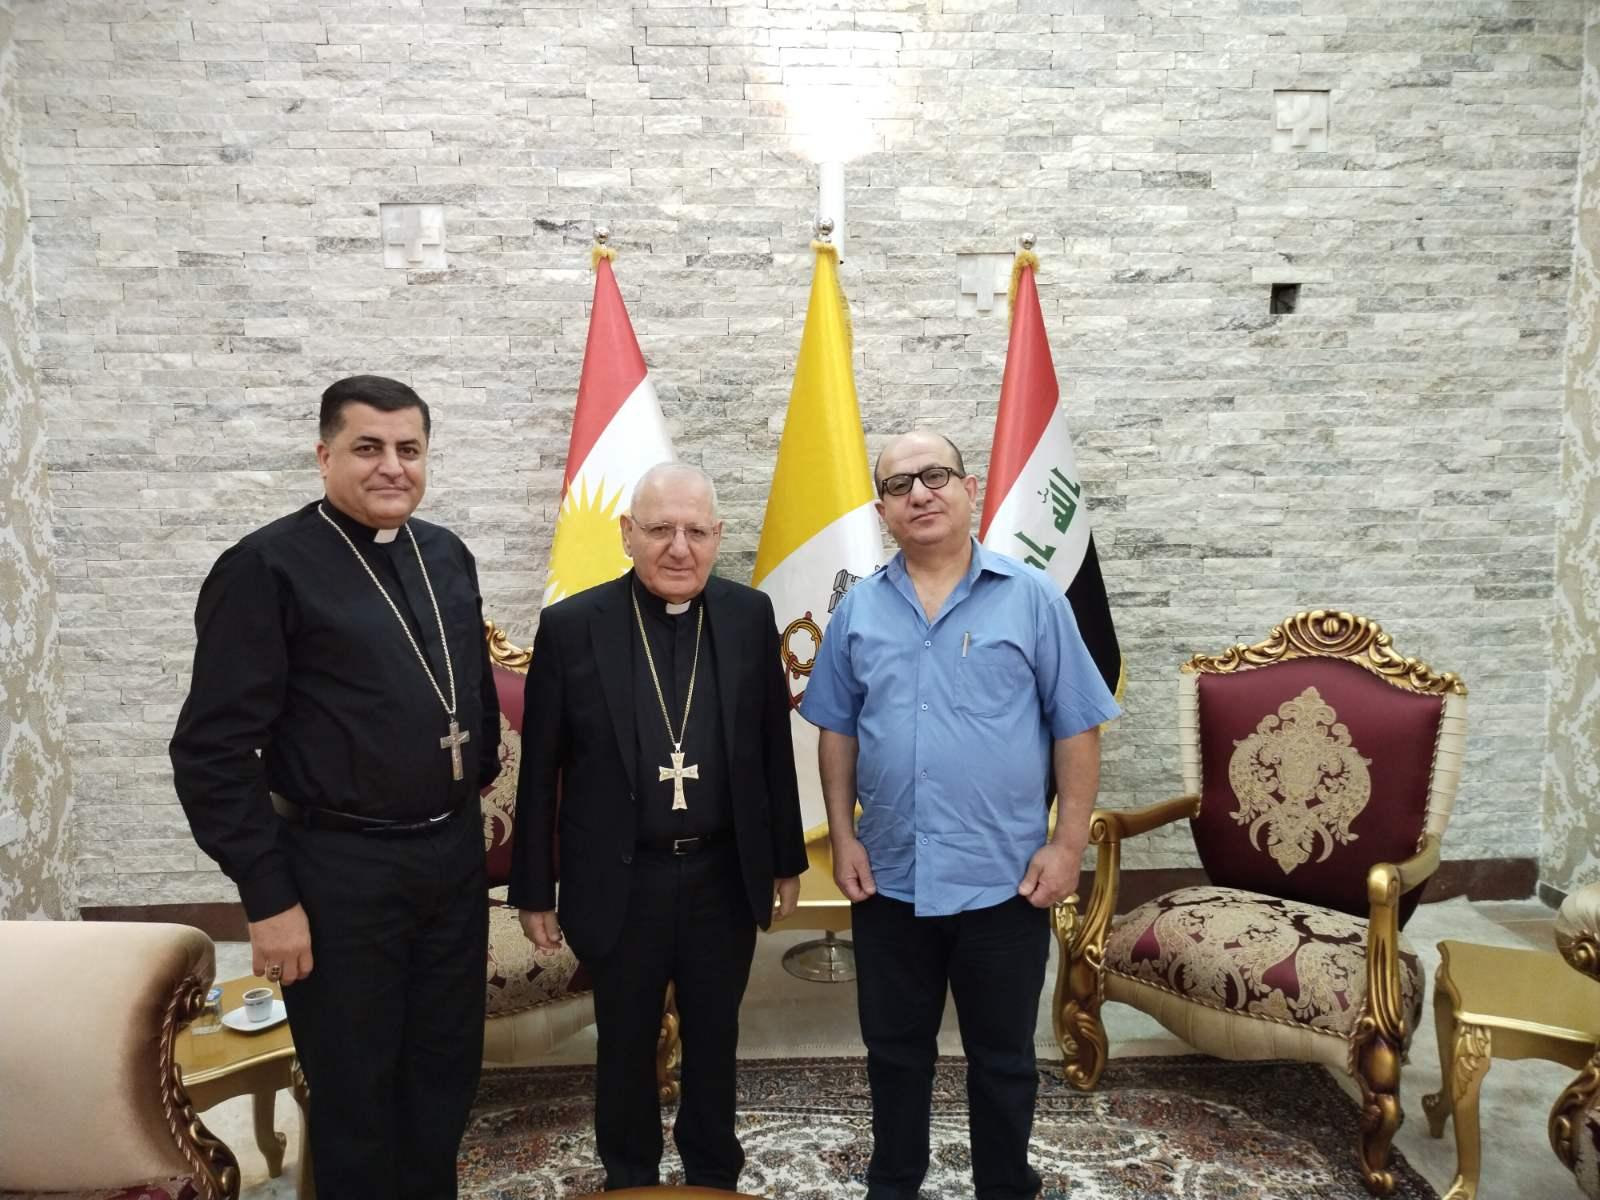 رئيس مؤسسة سورايا يزور غبطة البطريرك ساكو